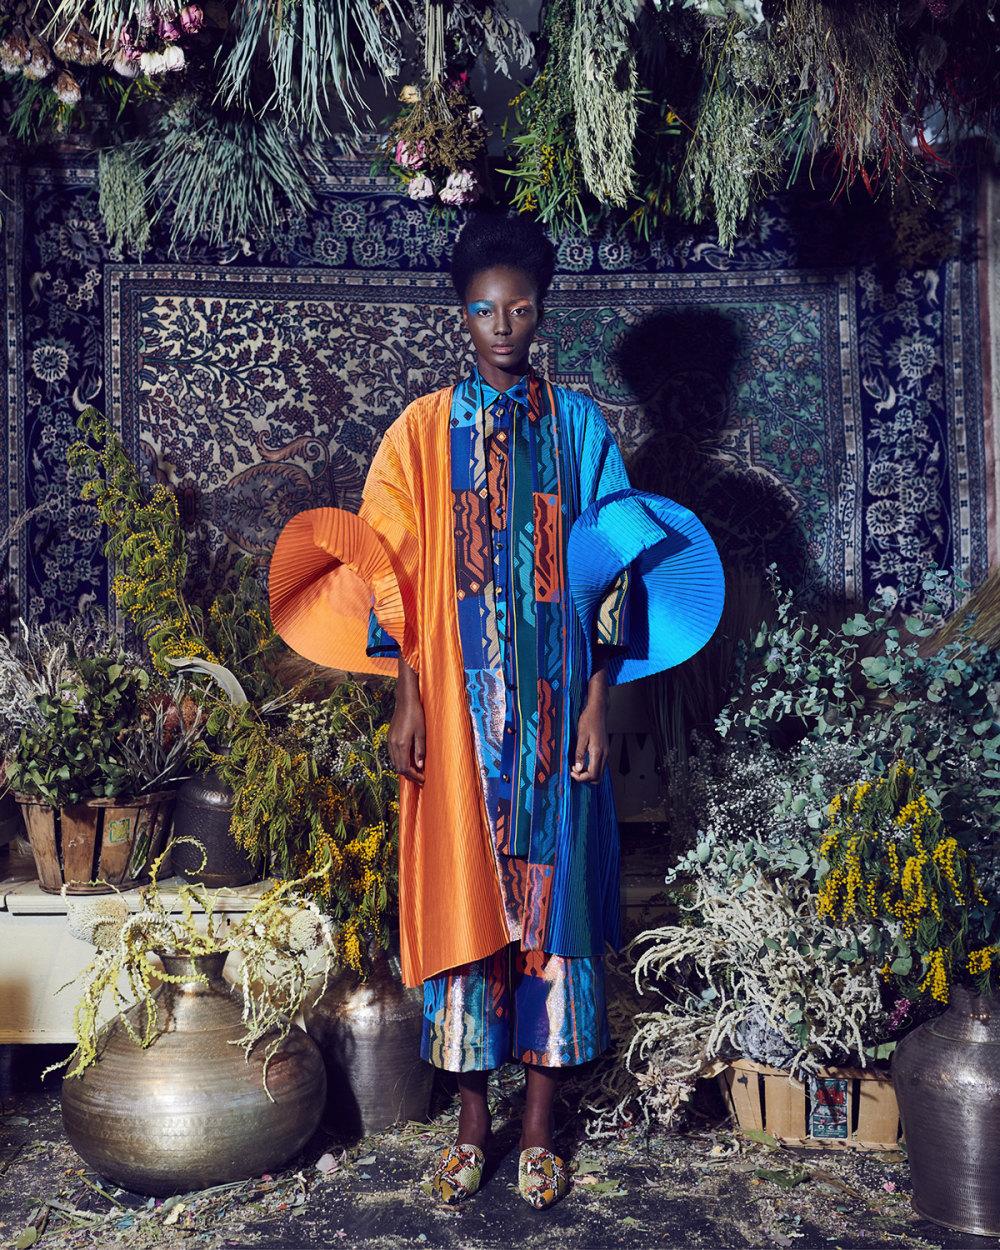 Rianna+Nina时装系列定制的夹克和金属光泽的七分裤定义未来主义-17.jpg